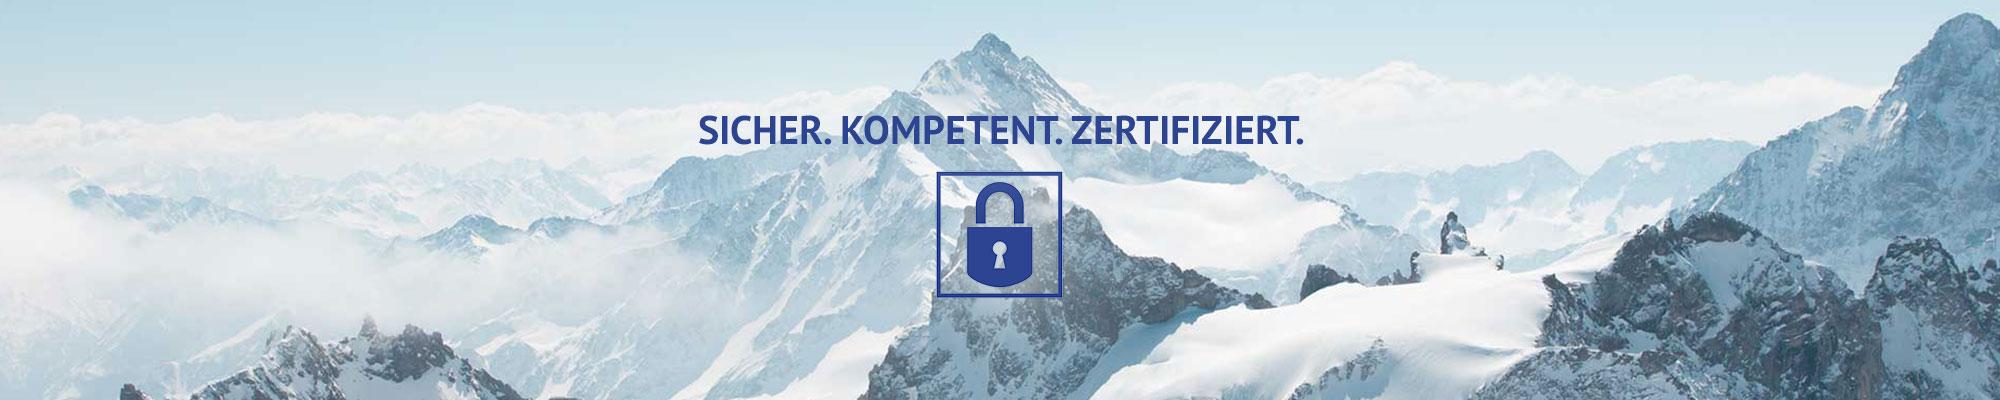 Schweizer Berge mit einem blauen Schloss-Icon und der Headline Sicher. Kompetent. Zertifiziert.